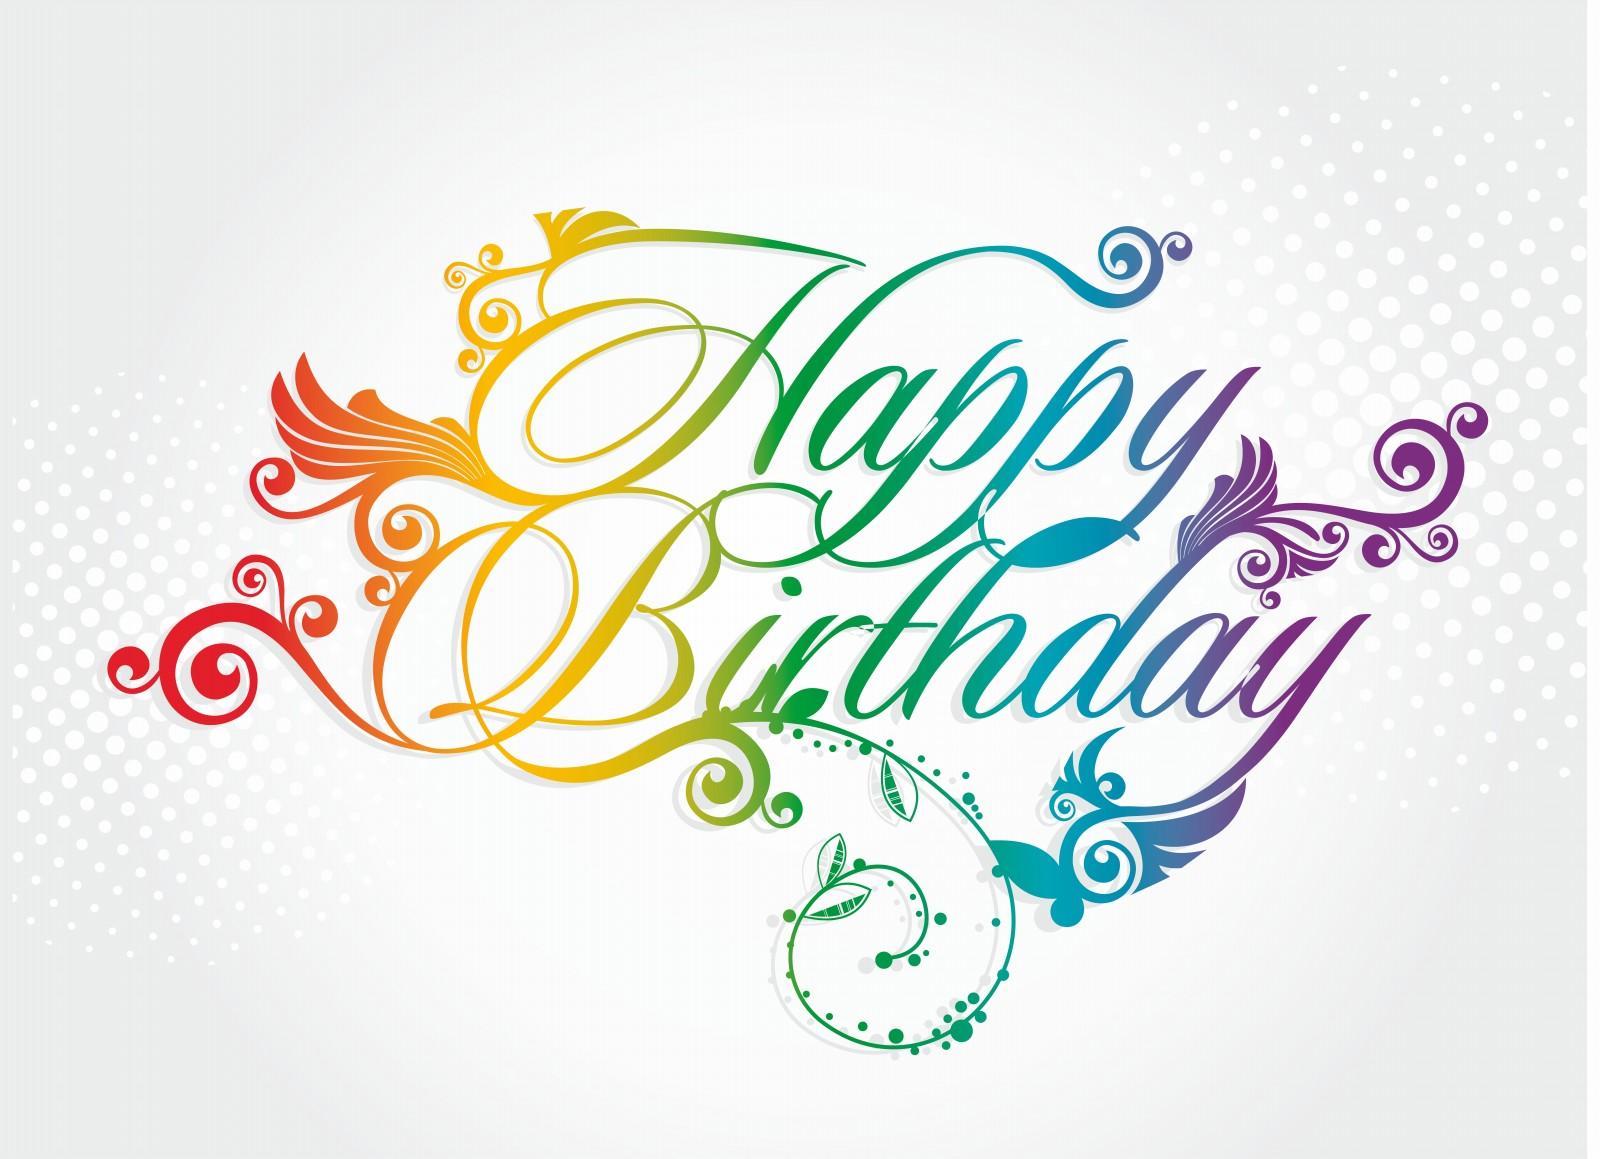 7 Happy Birthday Graphic Design Images